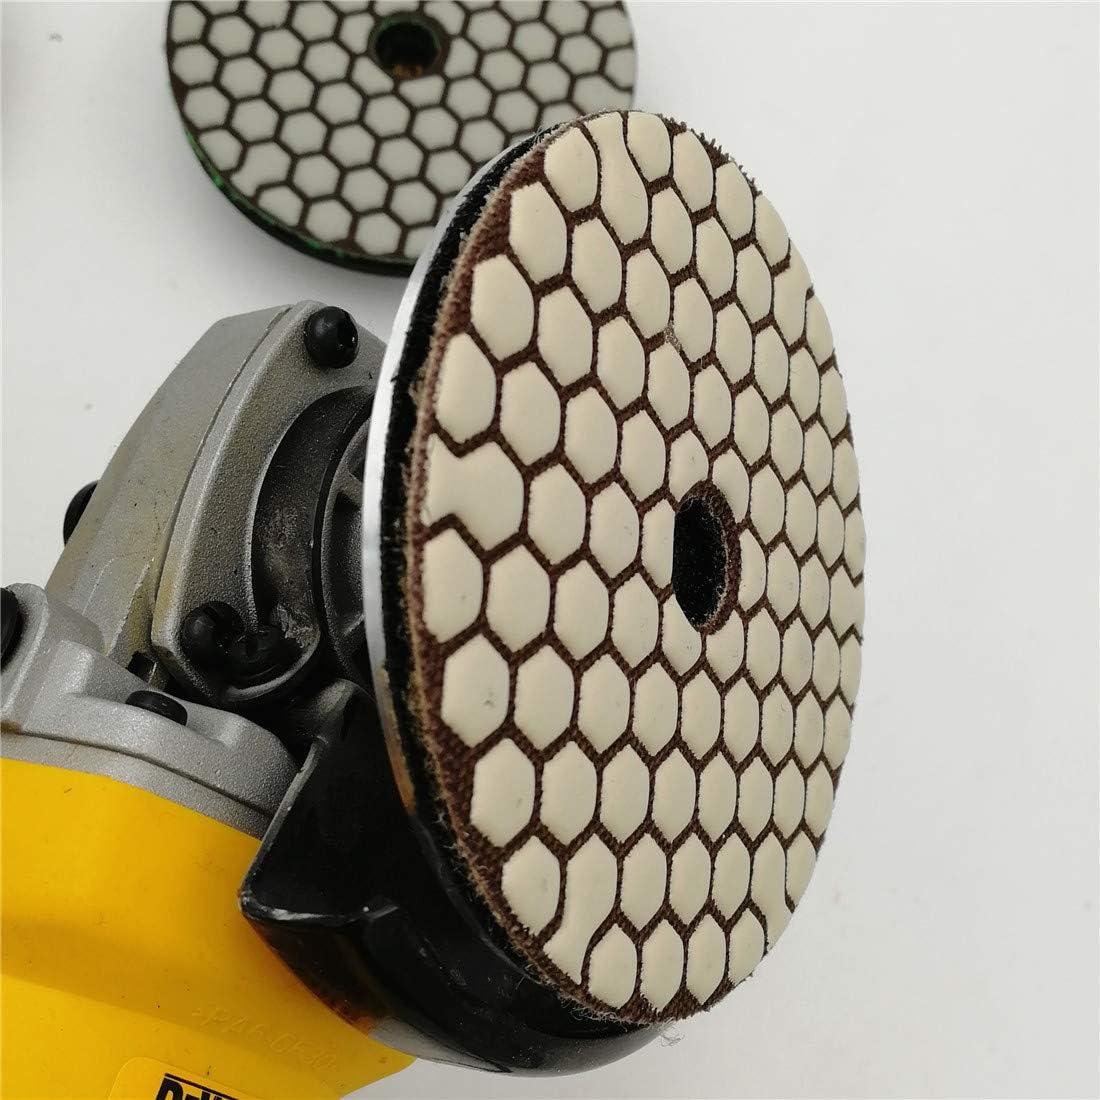 DIATOOL Almohadillas de Pulido de Diamante Seco 7Pk-100MM para Granito Marmol Buff Blanco